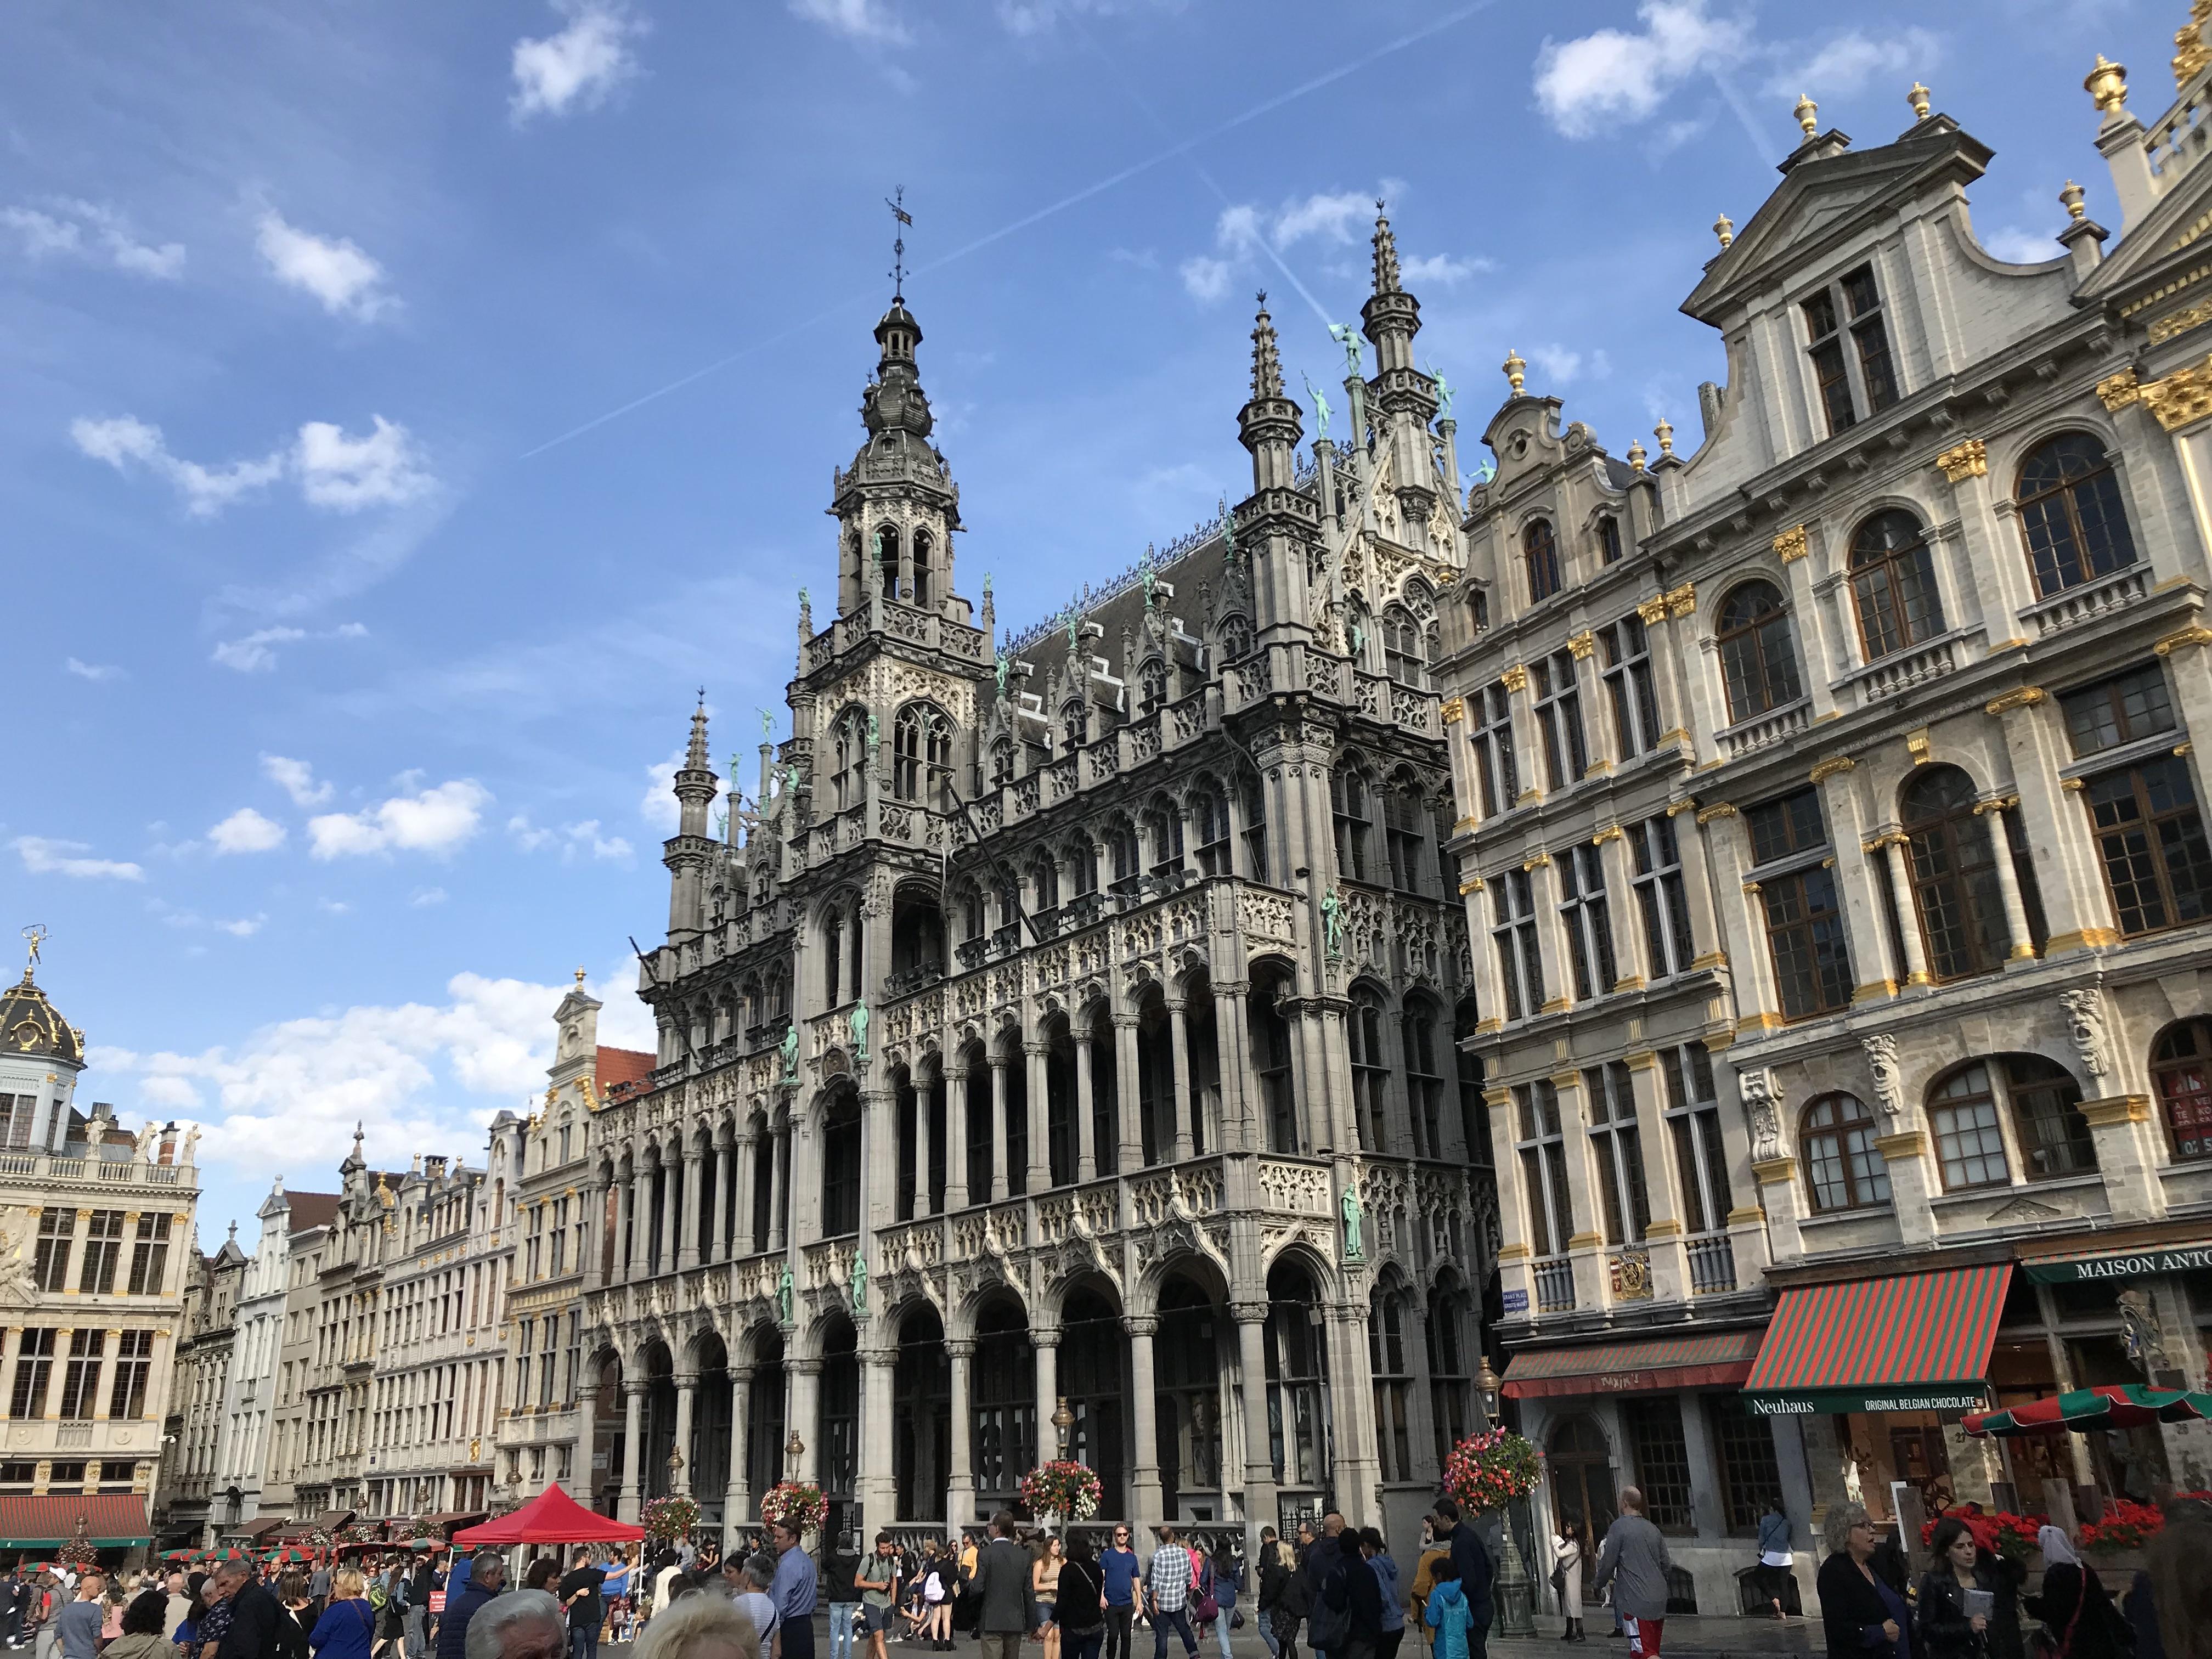 【ブリュッセル旅行ブログ】ビールで始まるグルメ旅!ベルギー1泊2日 #1